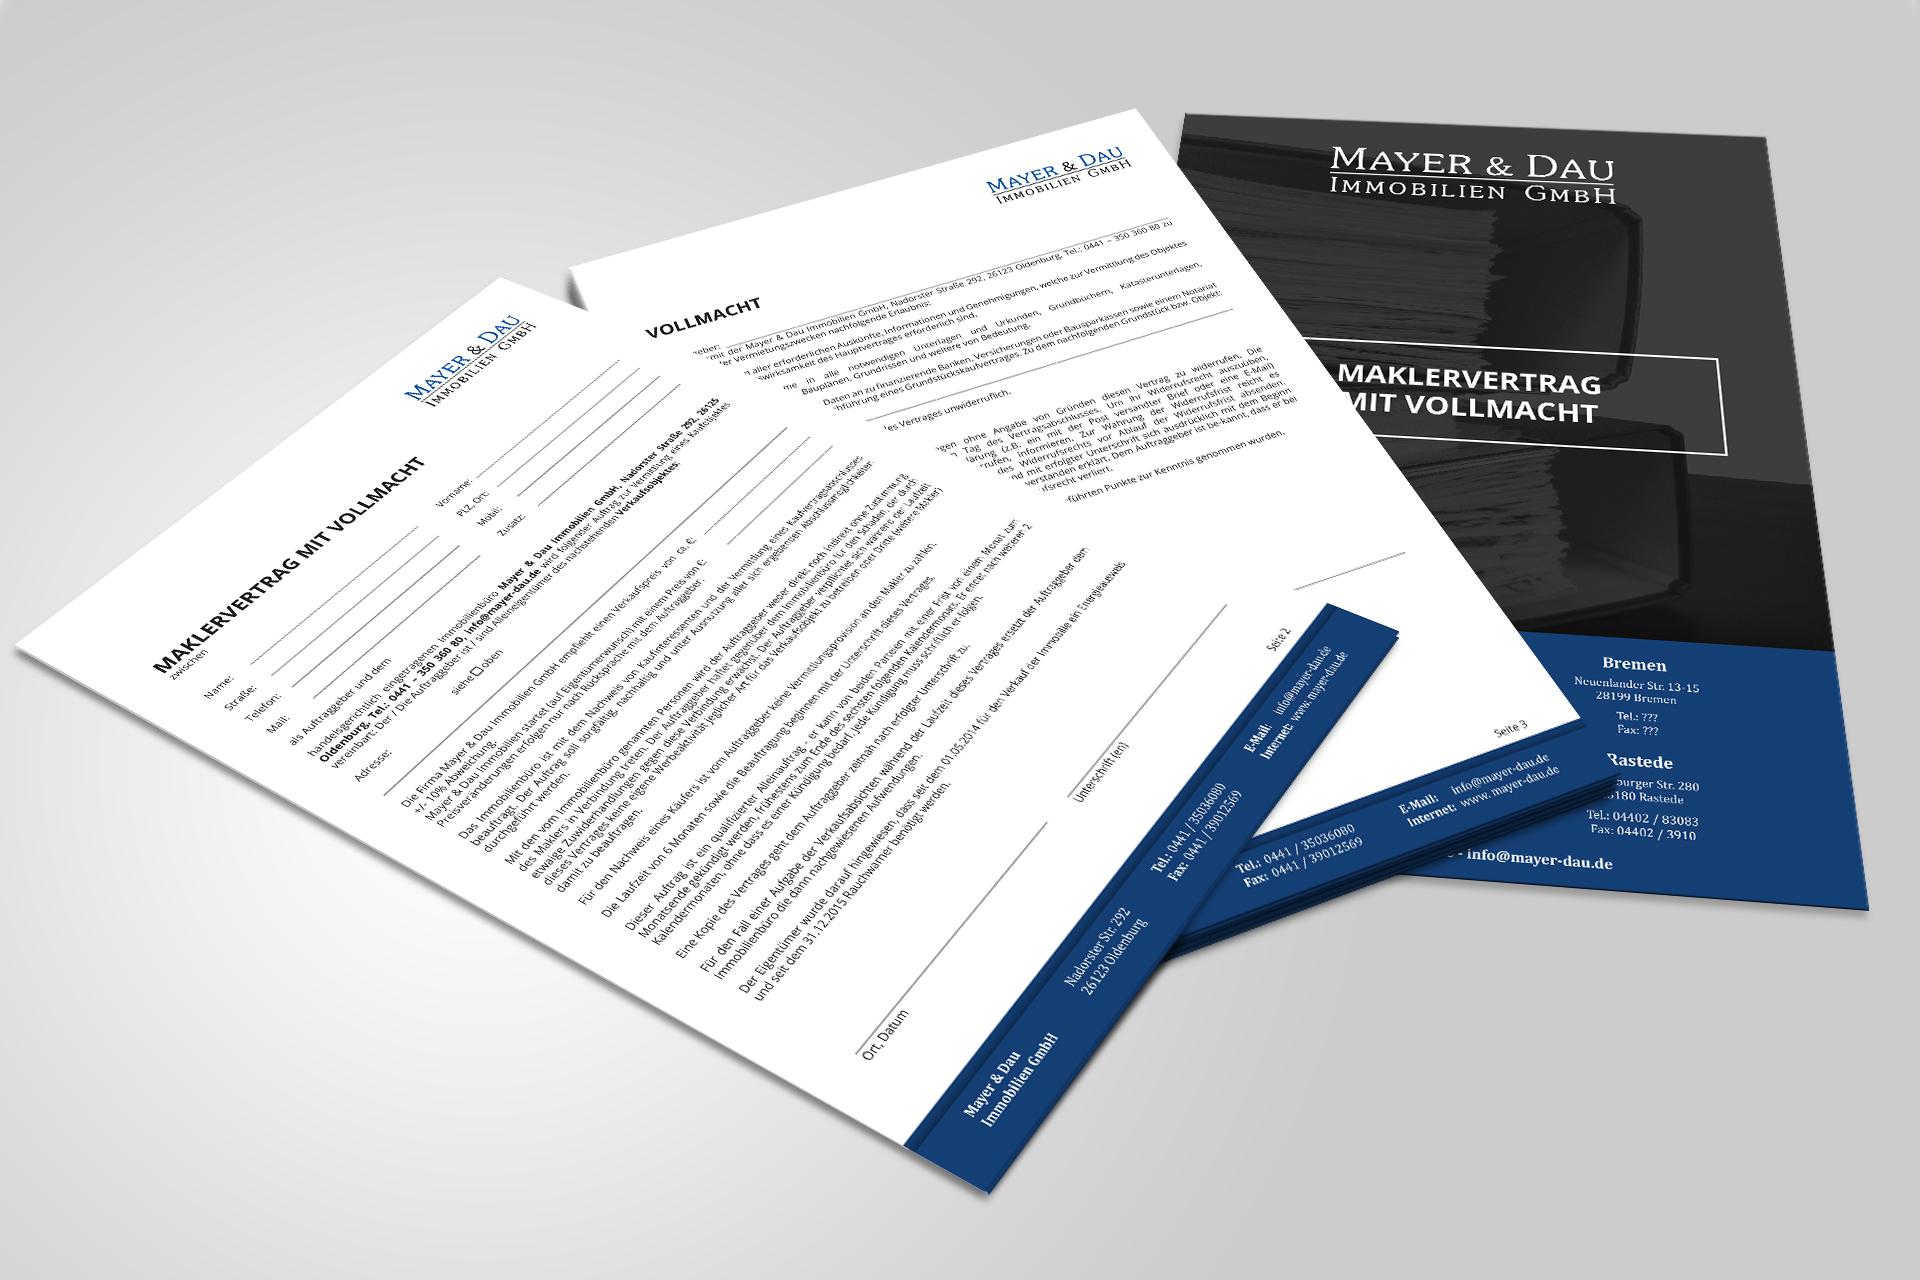 M&D_Maklervertrag